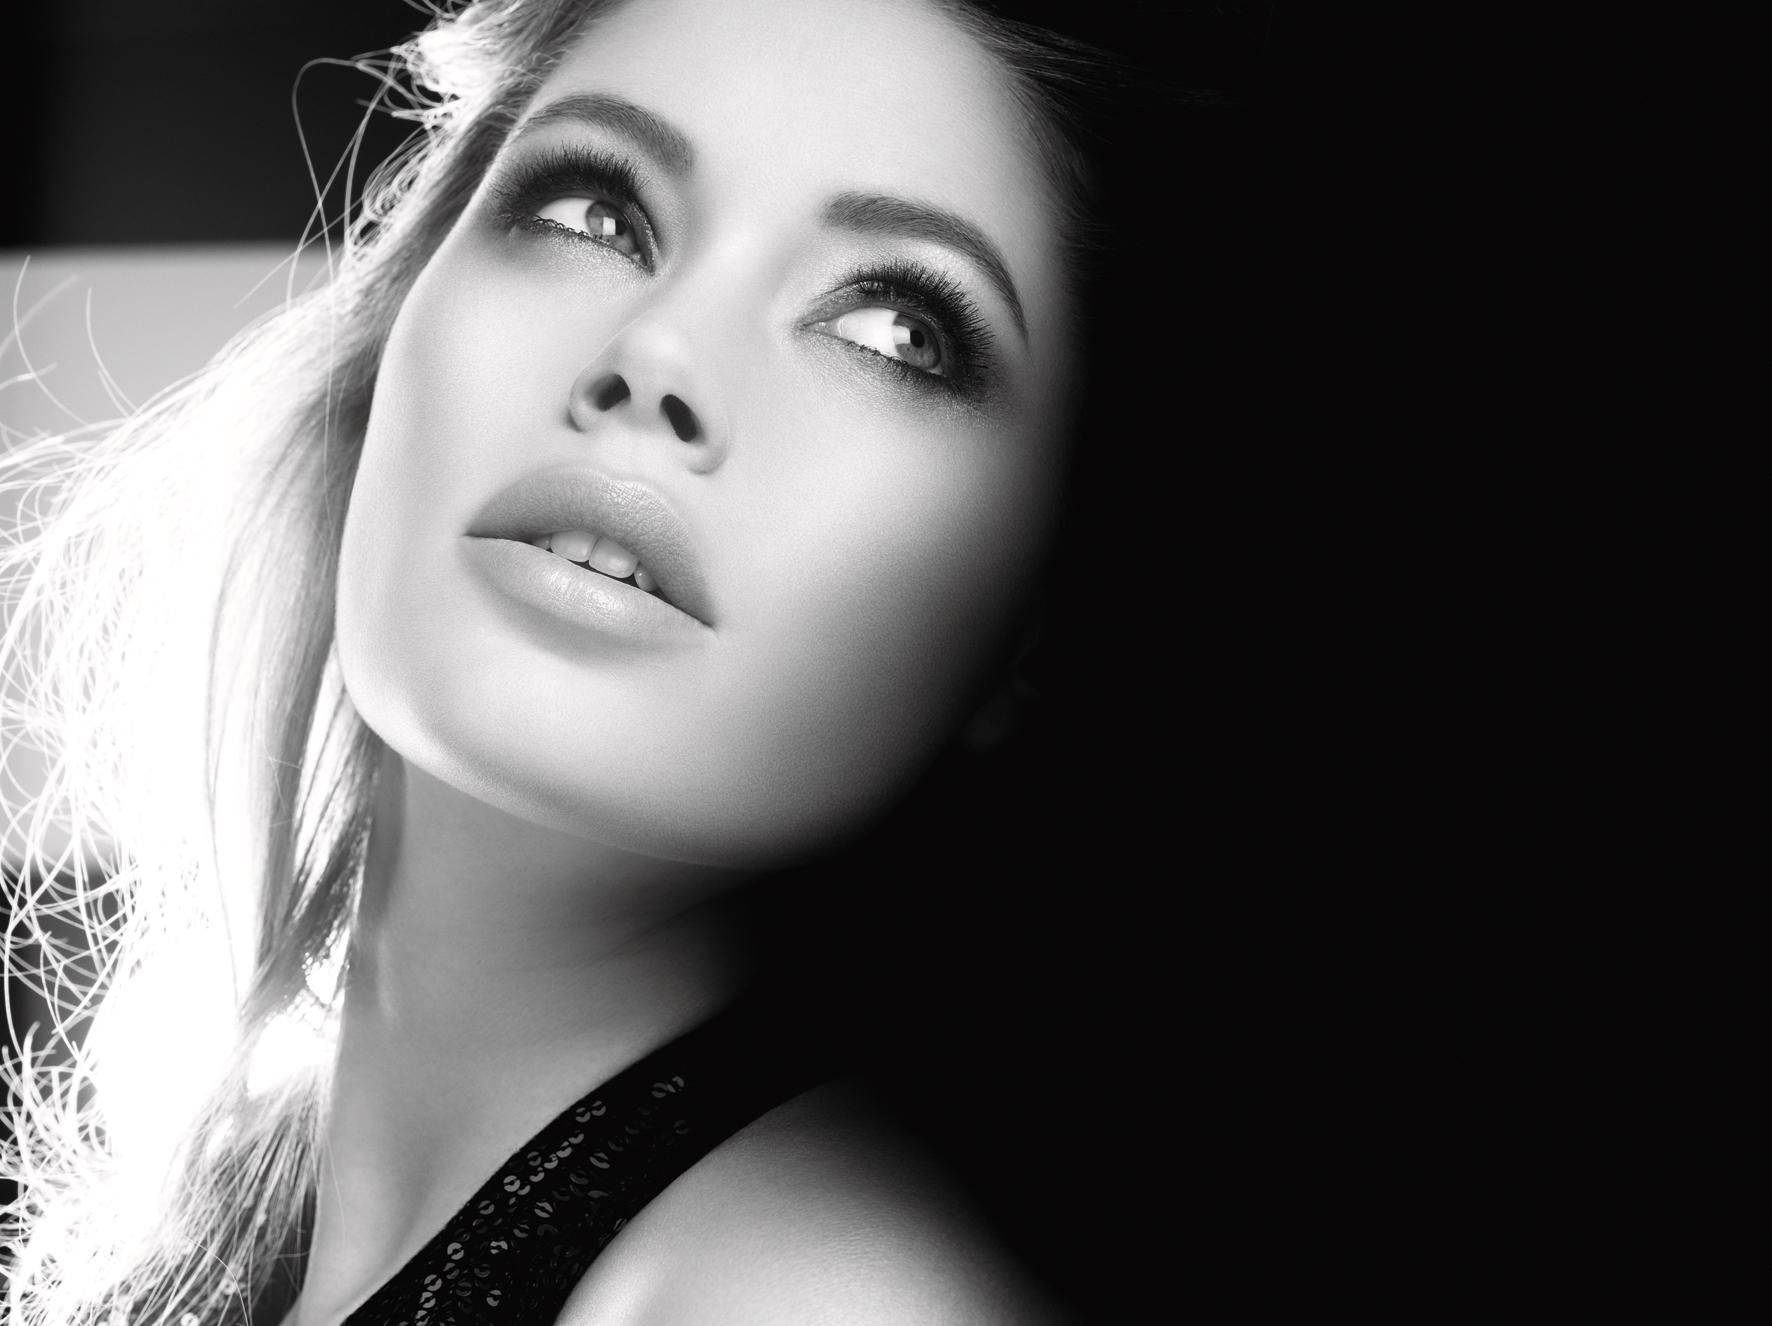 макияж как у корейских айдолов пошаговая инструкция